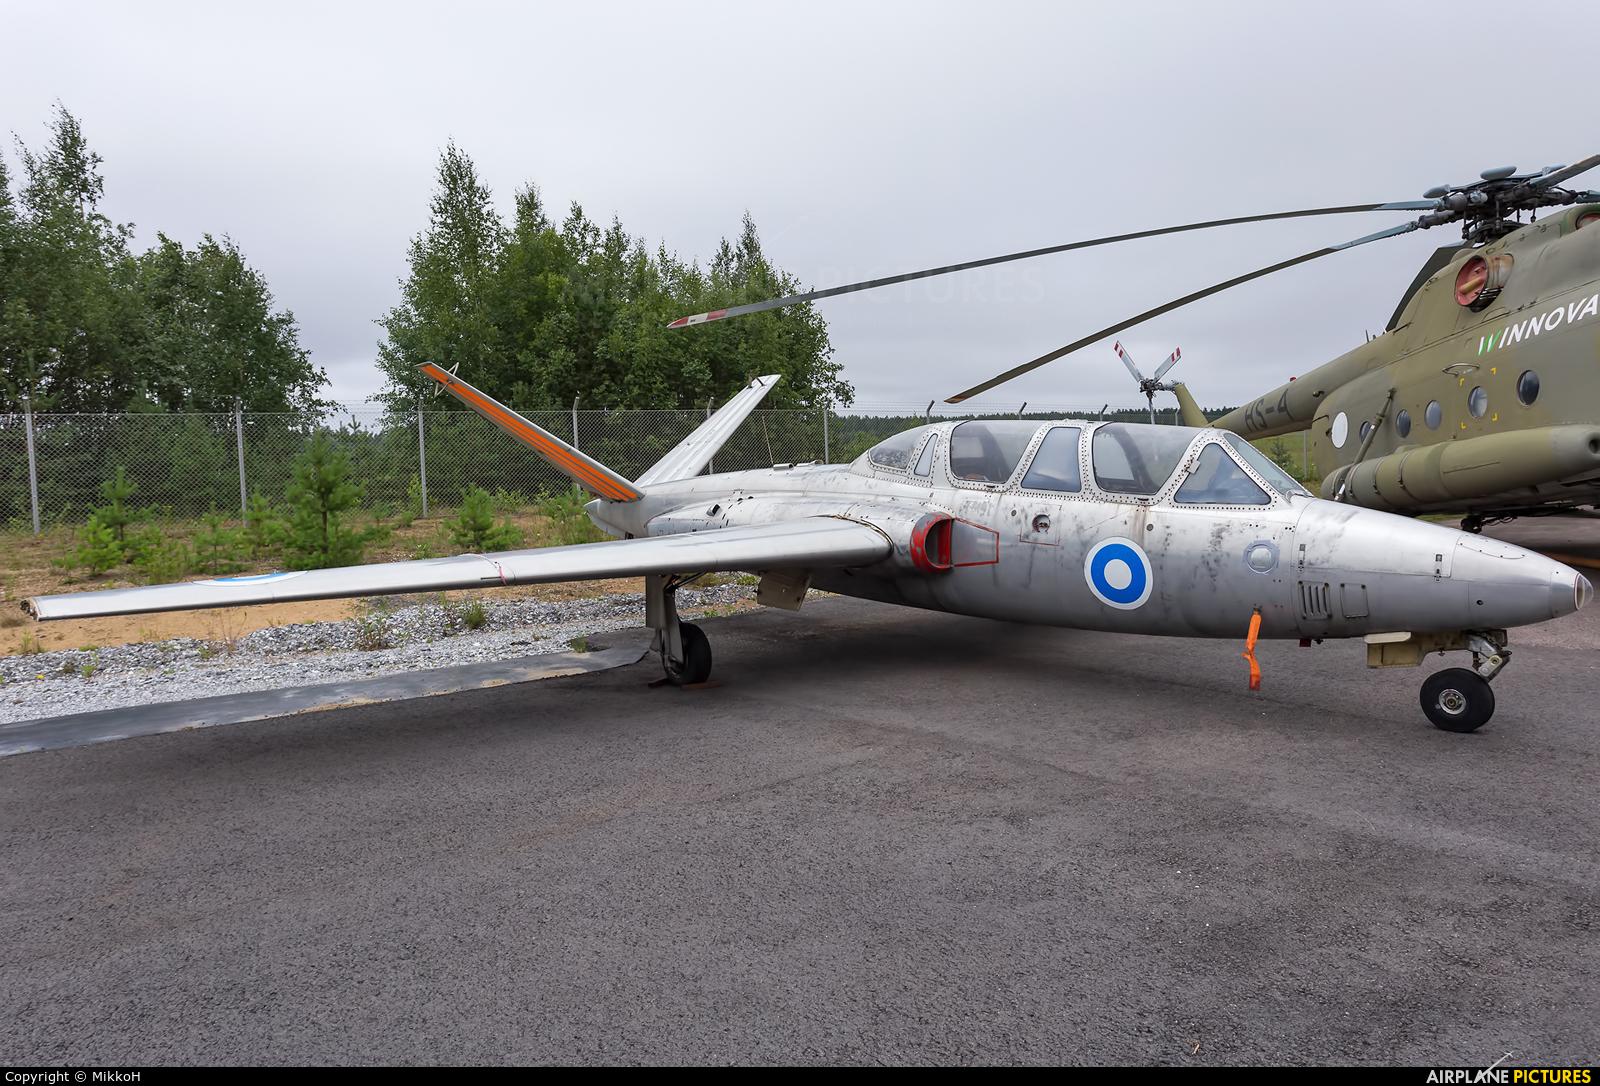 Finland - Air Force FM-50 aircraft at Lappeenranta